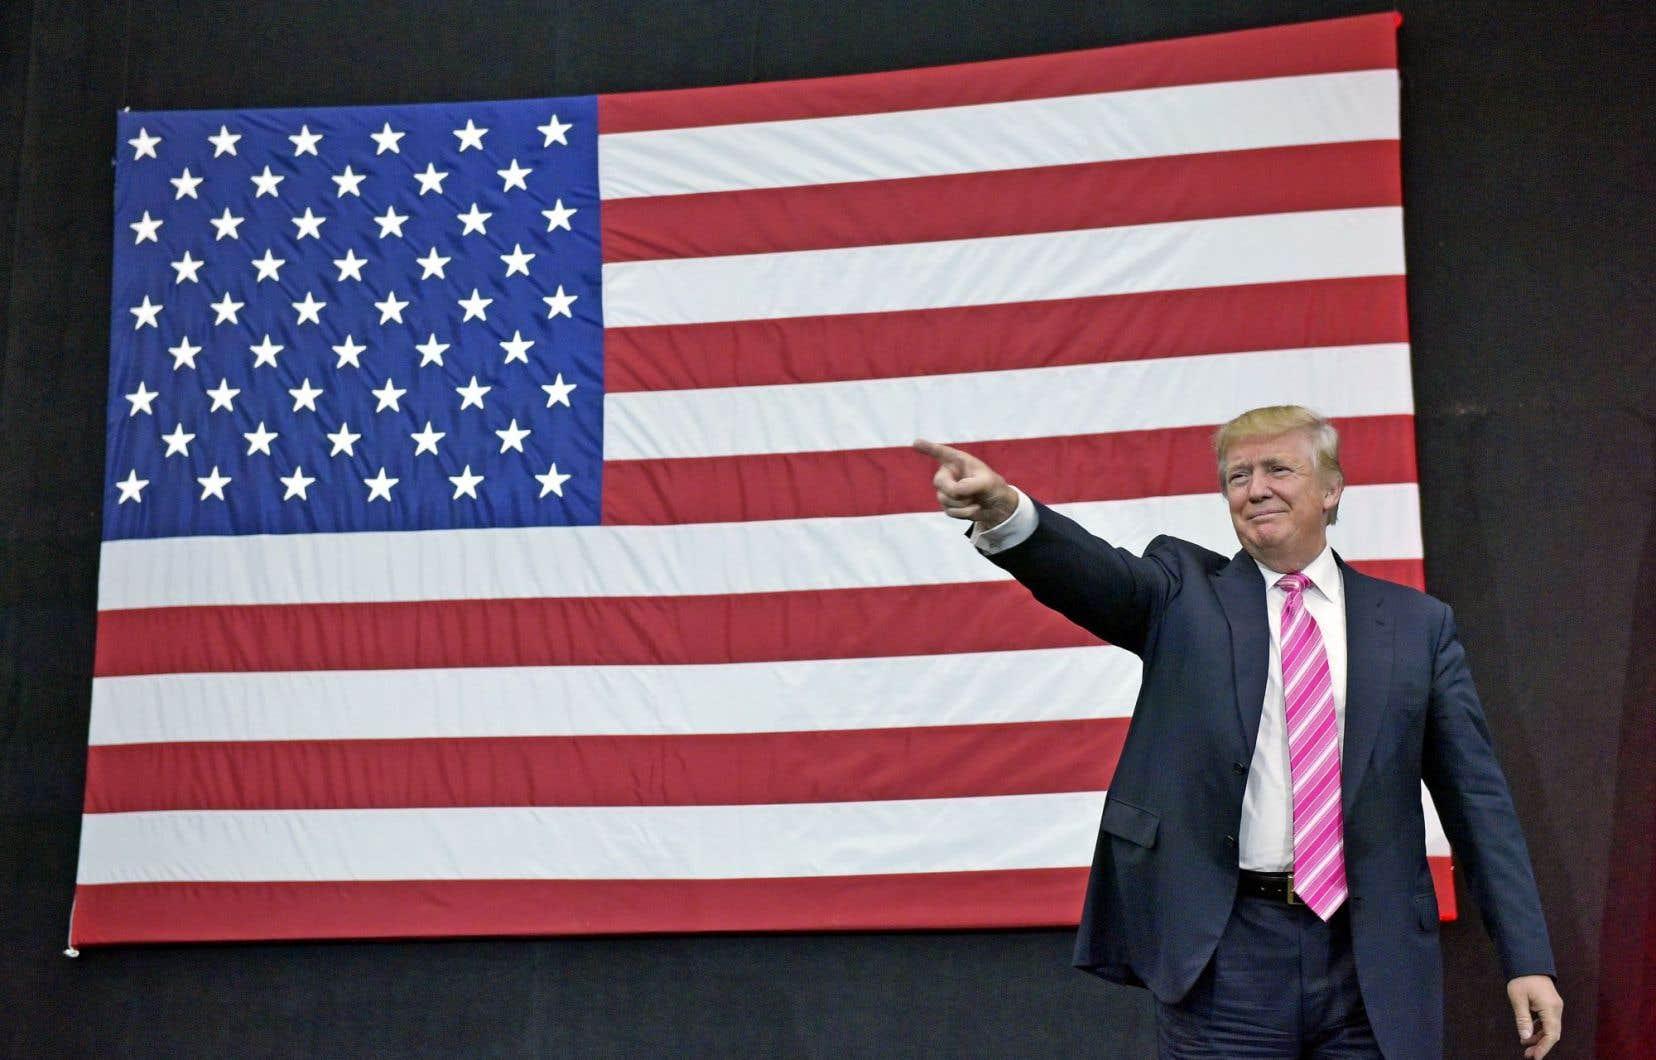 Le candidat républicain à la présidence, Donald Trump, n'a pas nié l'authenticité des documents obtenus par le «New York Times», qui montreraient qu'il n'a payé aucun impôt fédéral de1995 à2013. Sa campagne a fait valoir qu'il fallait y voir, une fois de plus, un exemple de son talent inné en affaires.